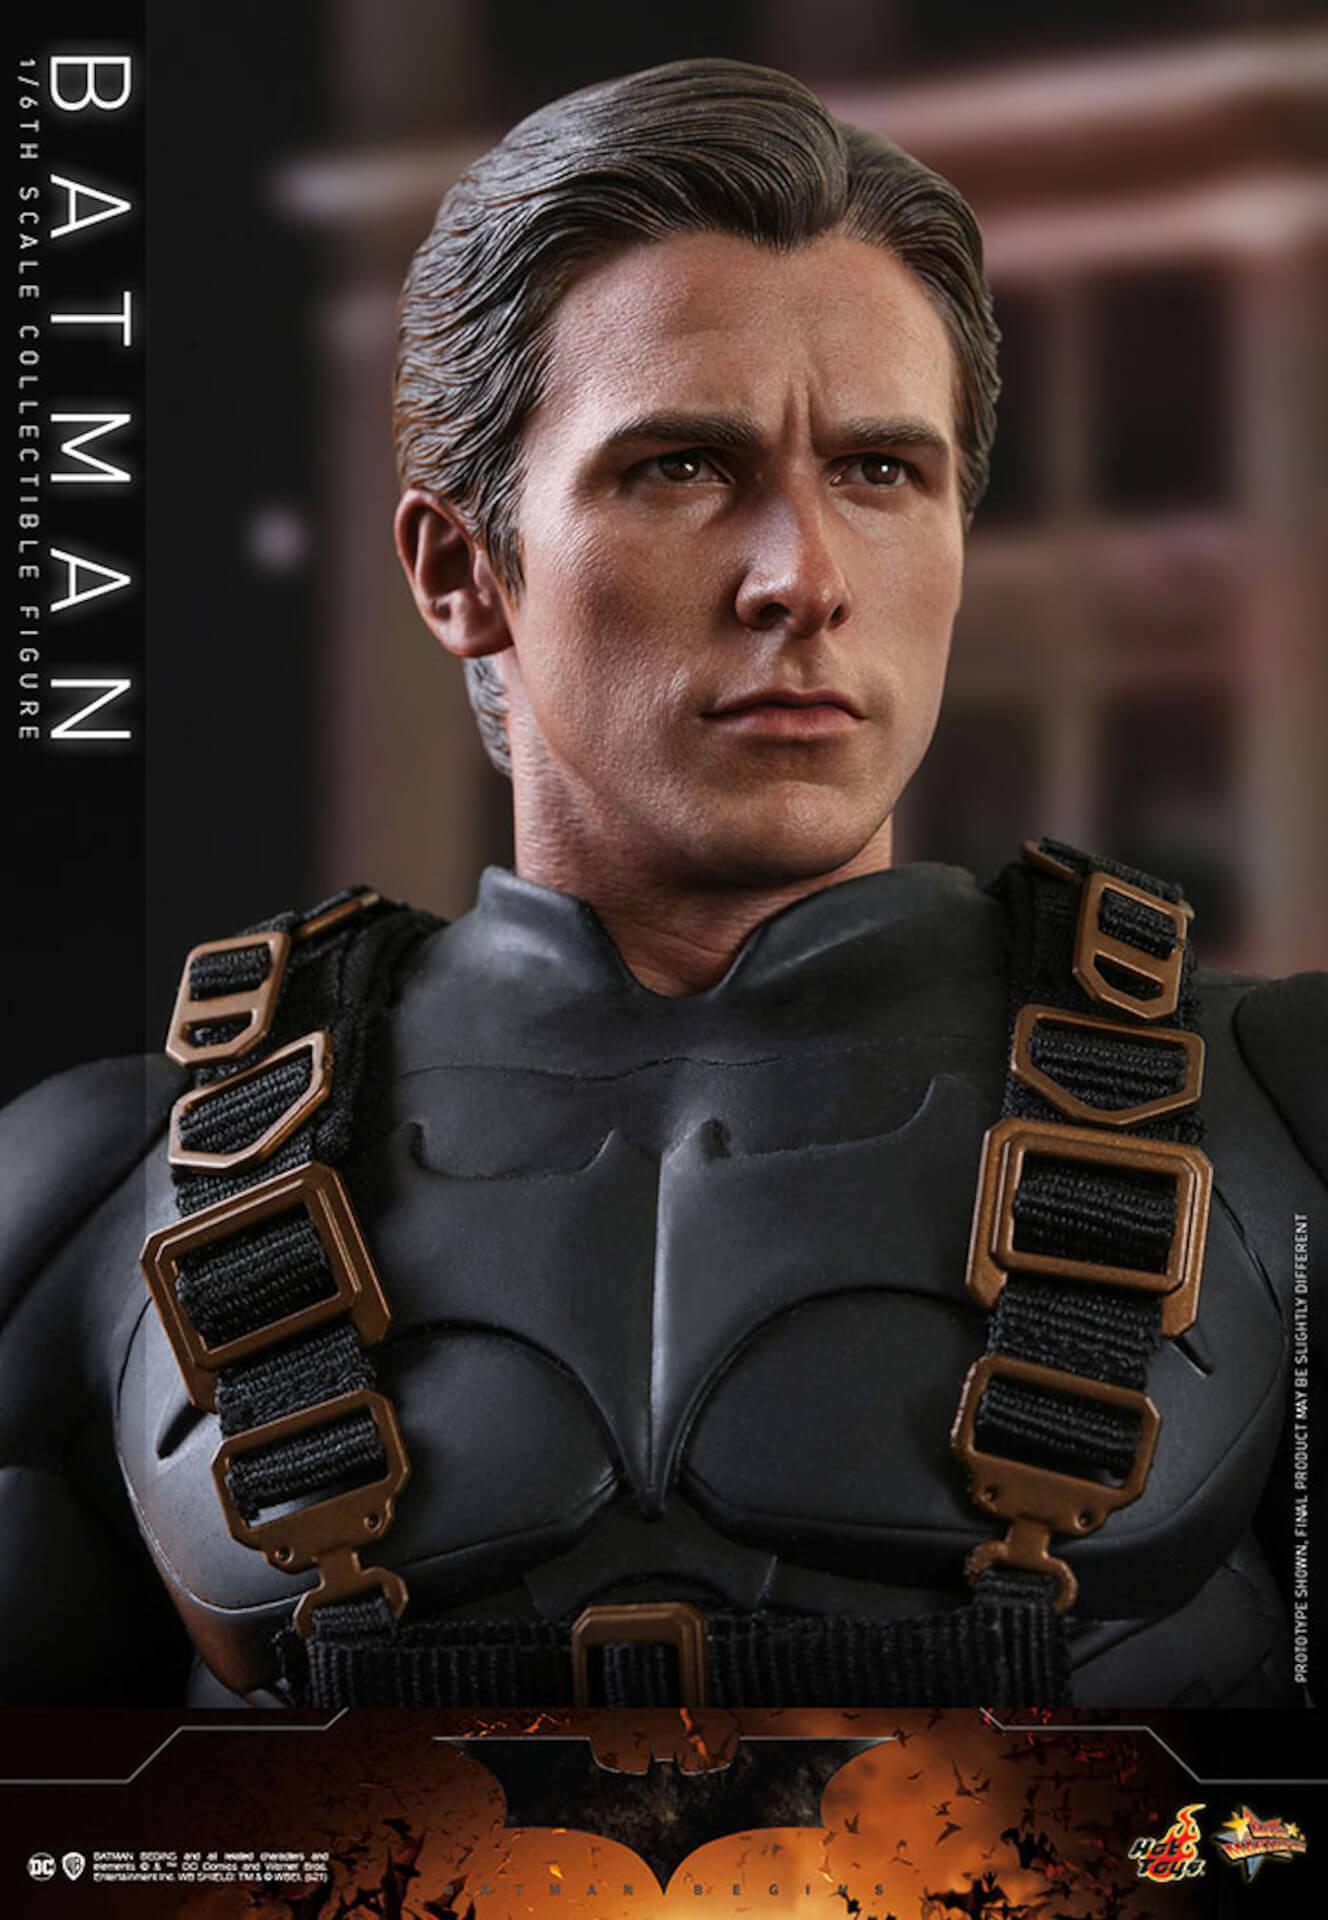 『バットマン ビギンズ』のバットマン&バットモービルが超精巧なフィギュアに!ホットトイズから発売決定 art210401_hottoys_batmanbegins_8